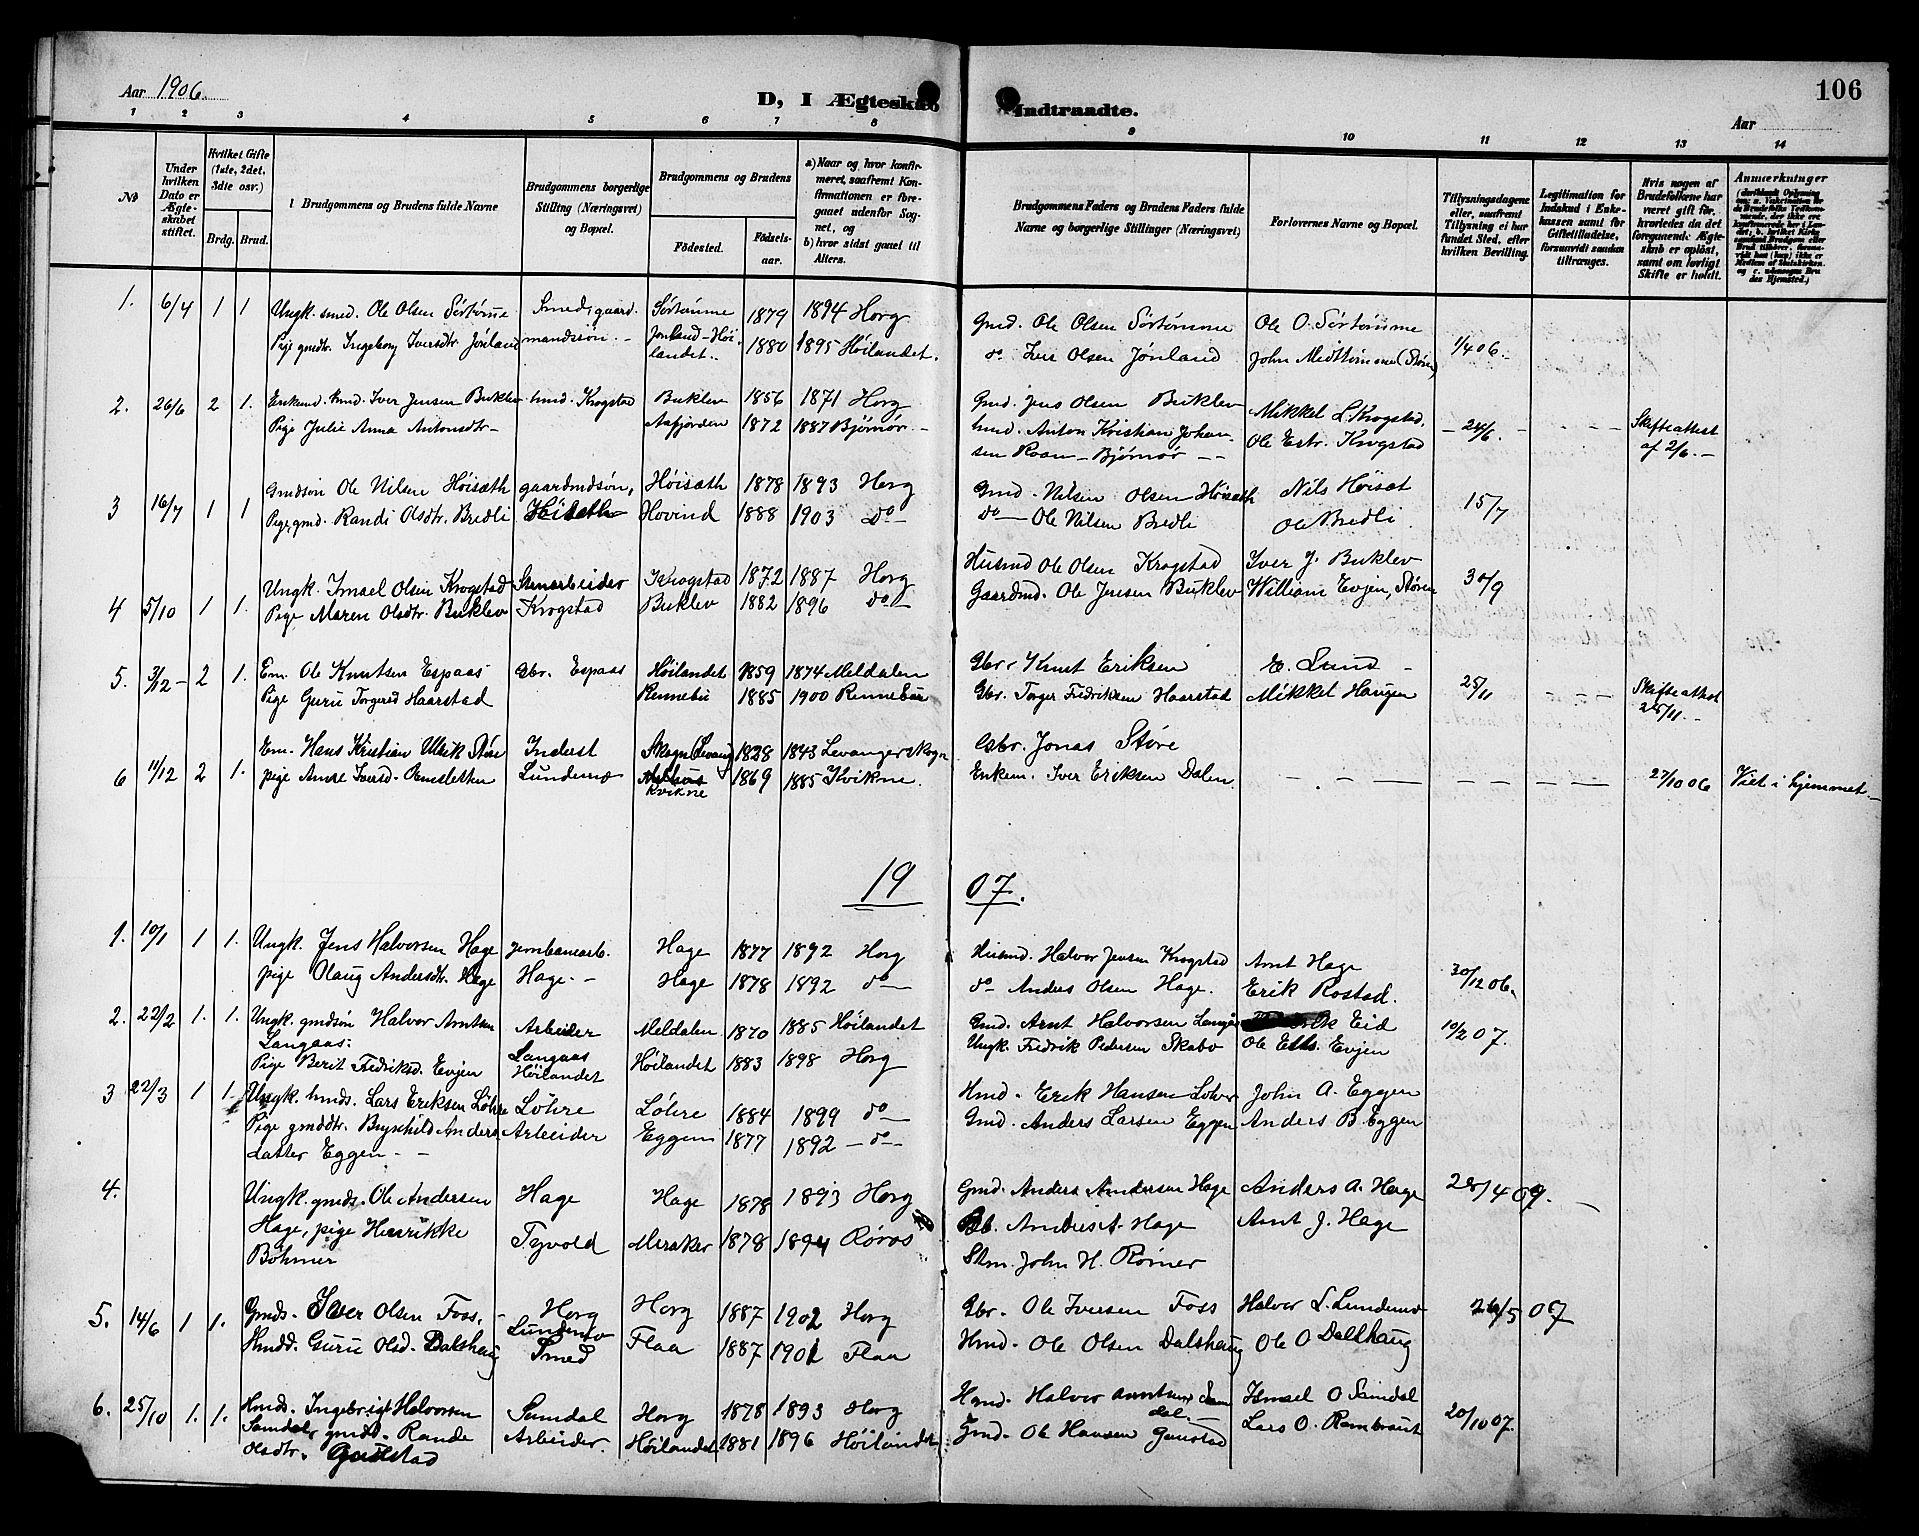 SAT, Ministerialprotokoller, klokkerbøker og fødselsregistre - Sør-Trøndelag, 692/L1112: Klokkerbok nr. 692C07, 1904-1918, s. 106